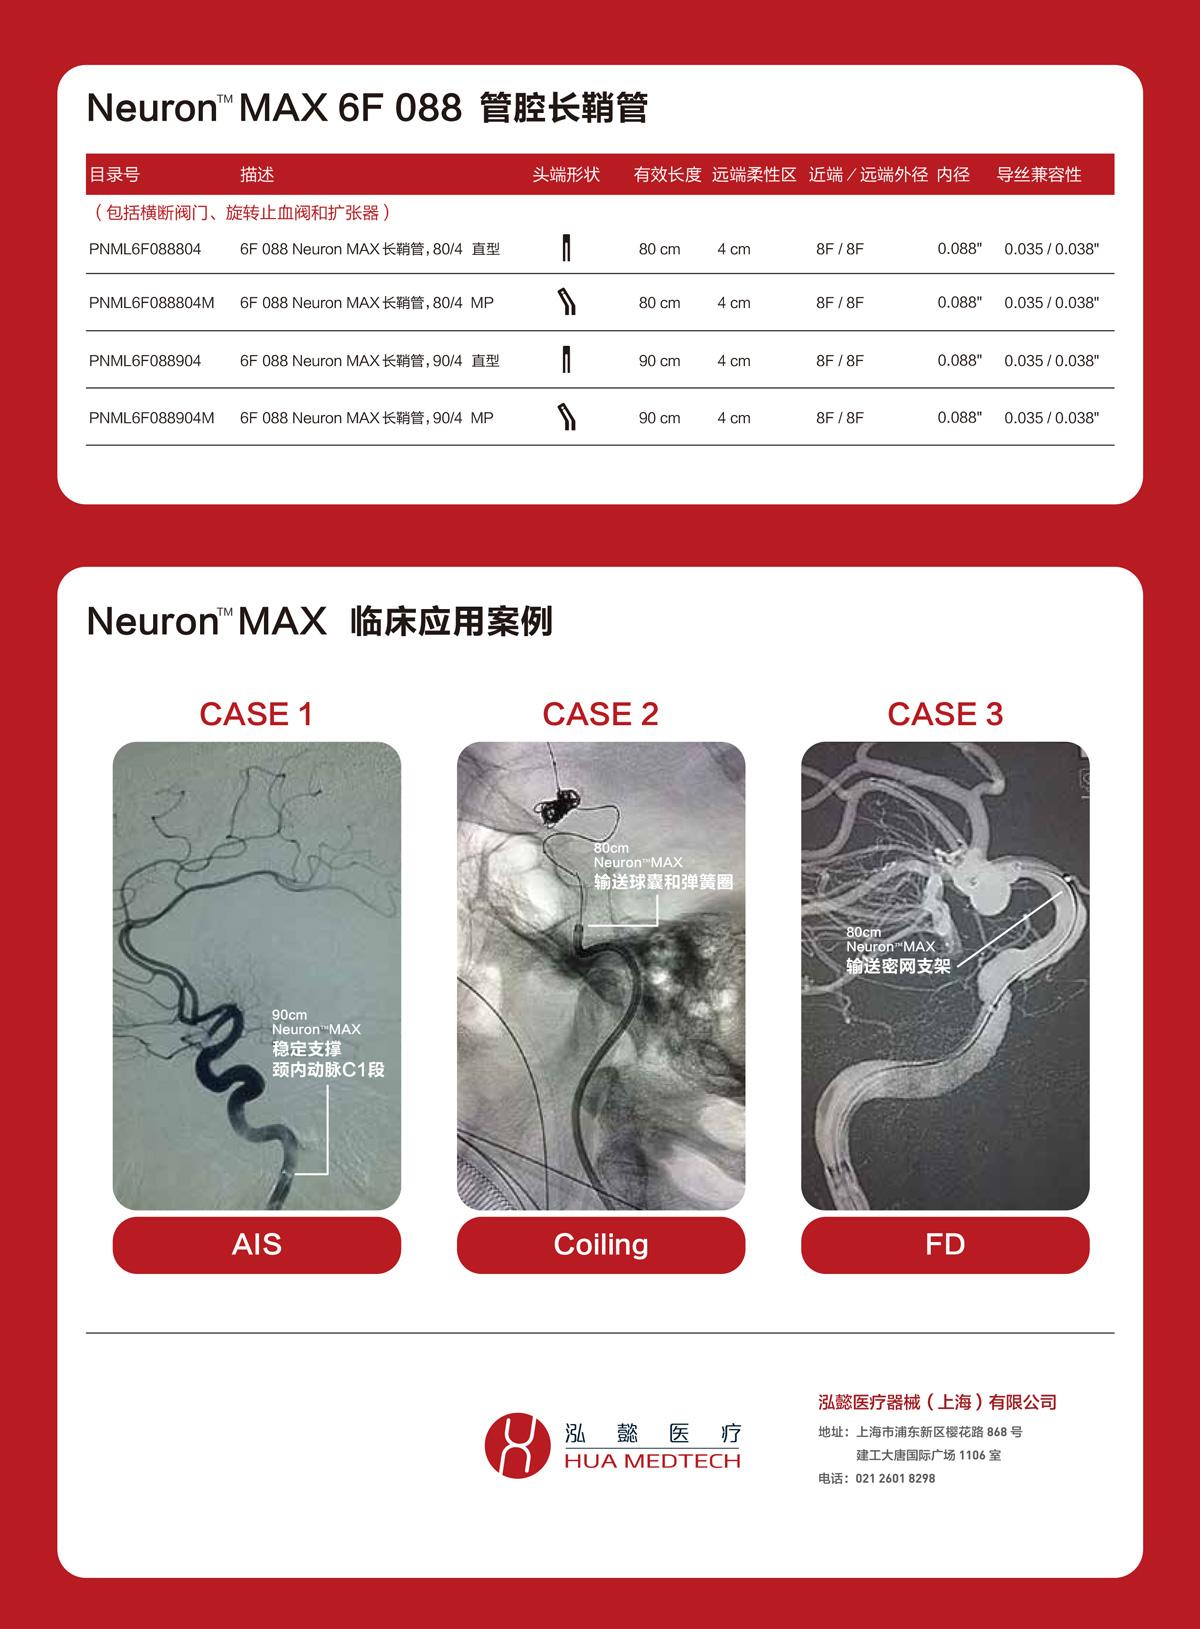 NeuronTM MAX 088 6F 长鞘